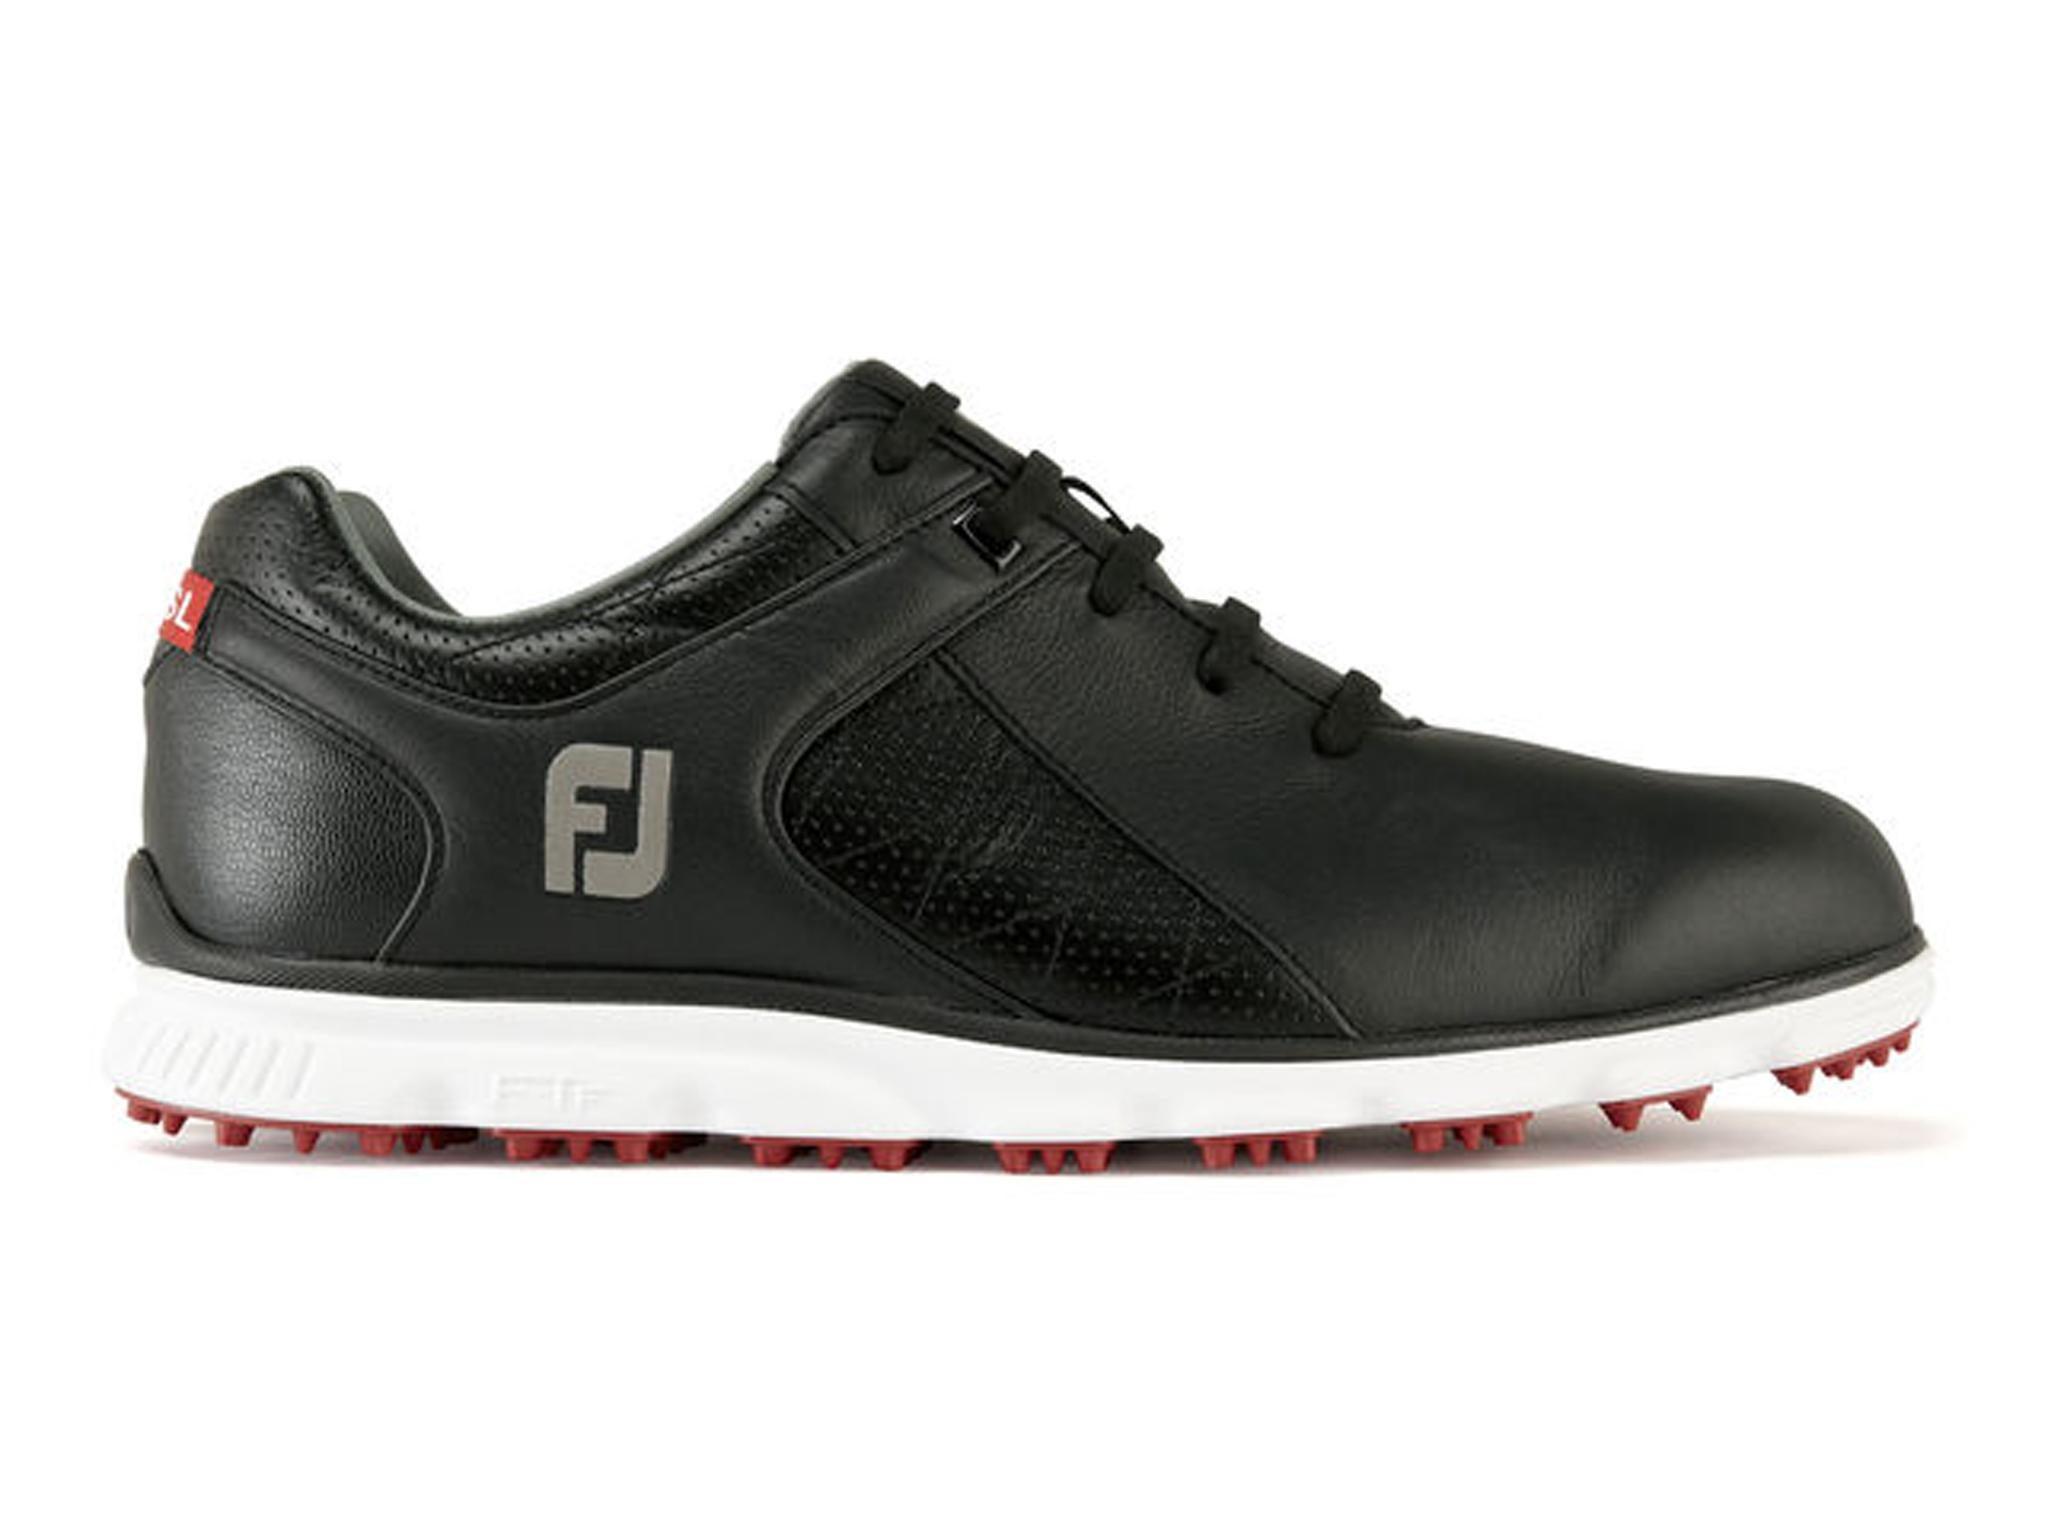 08995d3d 9 best spikeless golf shoes | The Independent